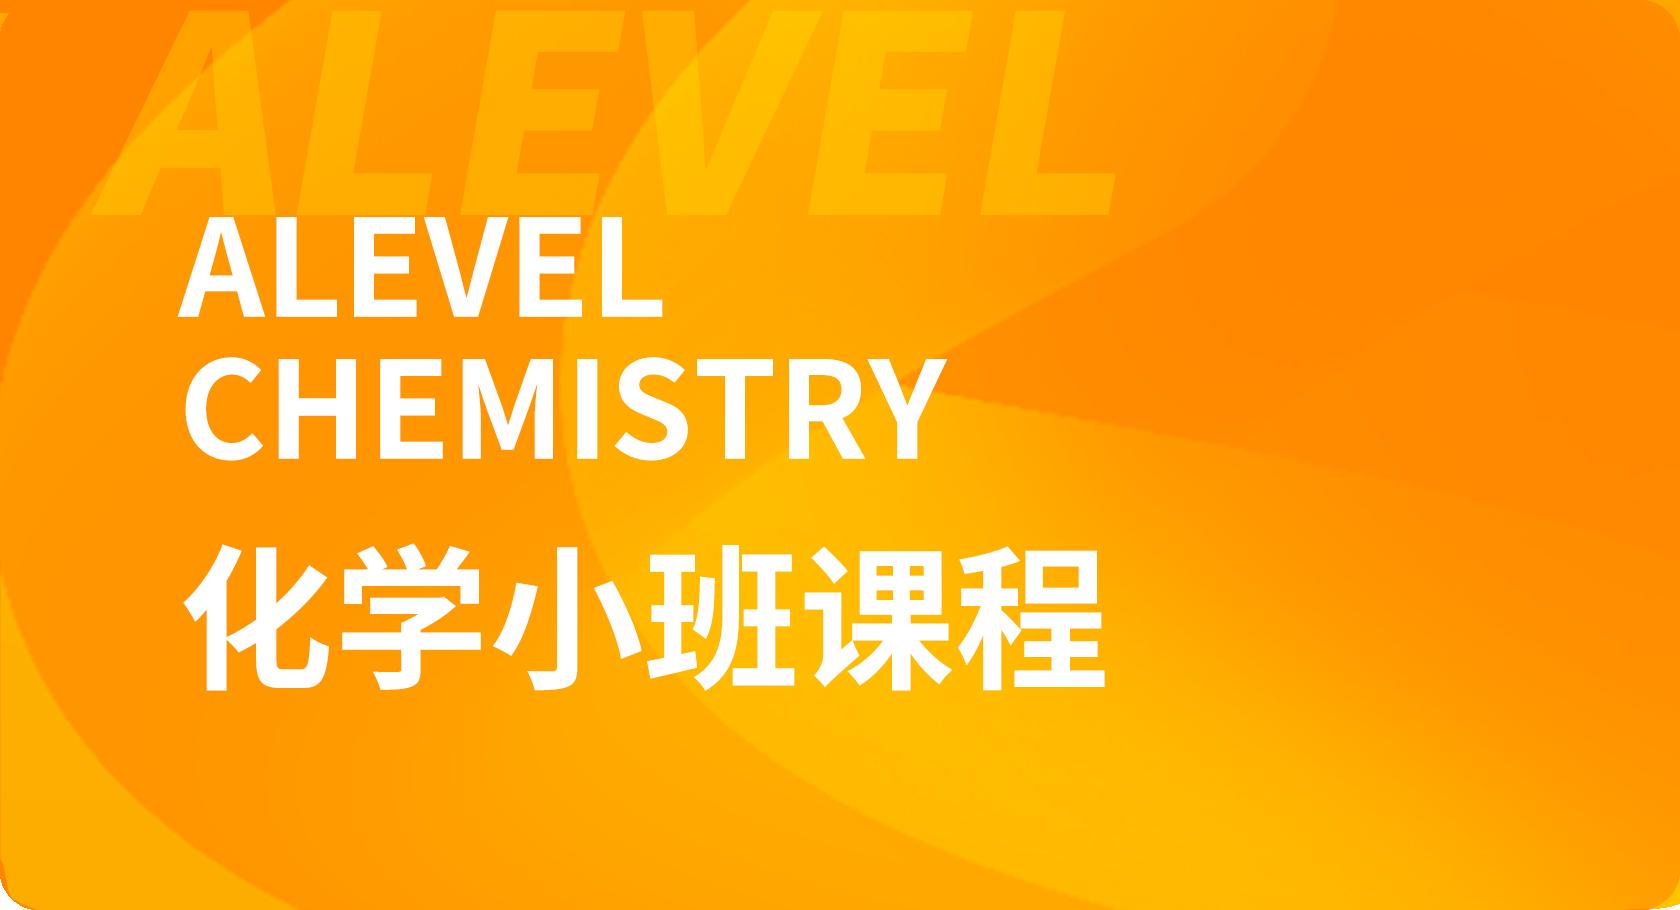 Alevel化学小班课程